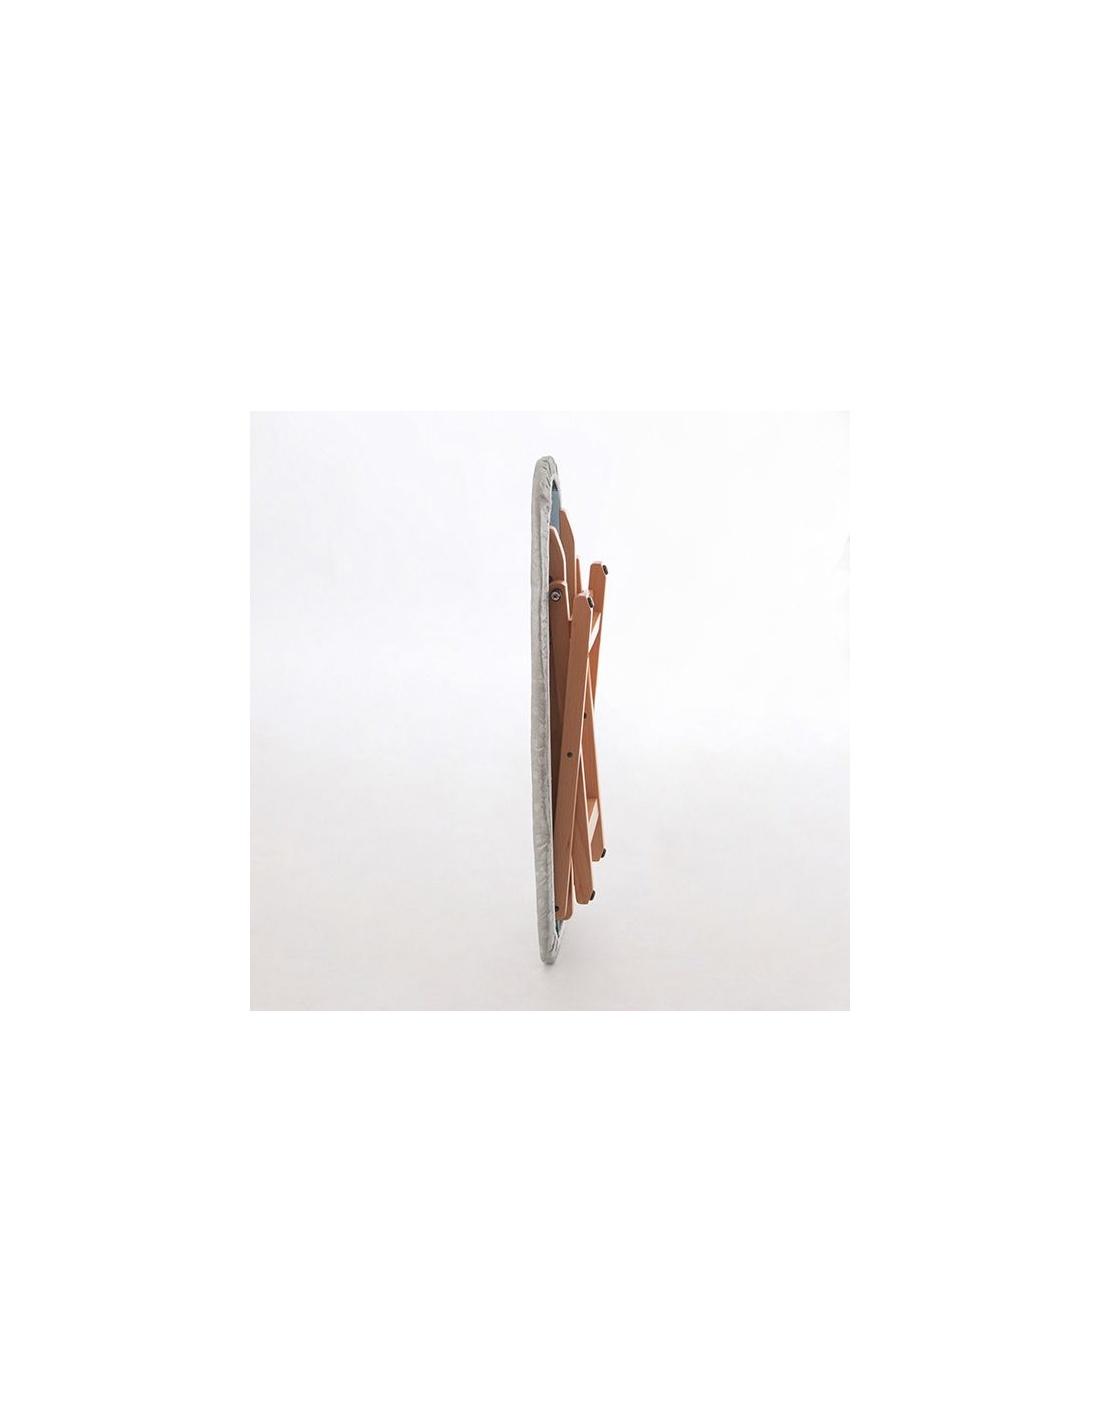 Asse da stiro modello ministyro 637 di arredamenti italia for Arredamenti italia asse da stiro